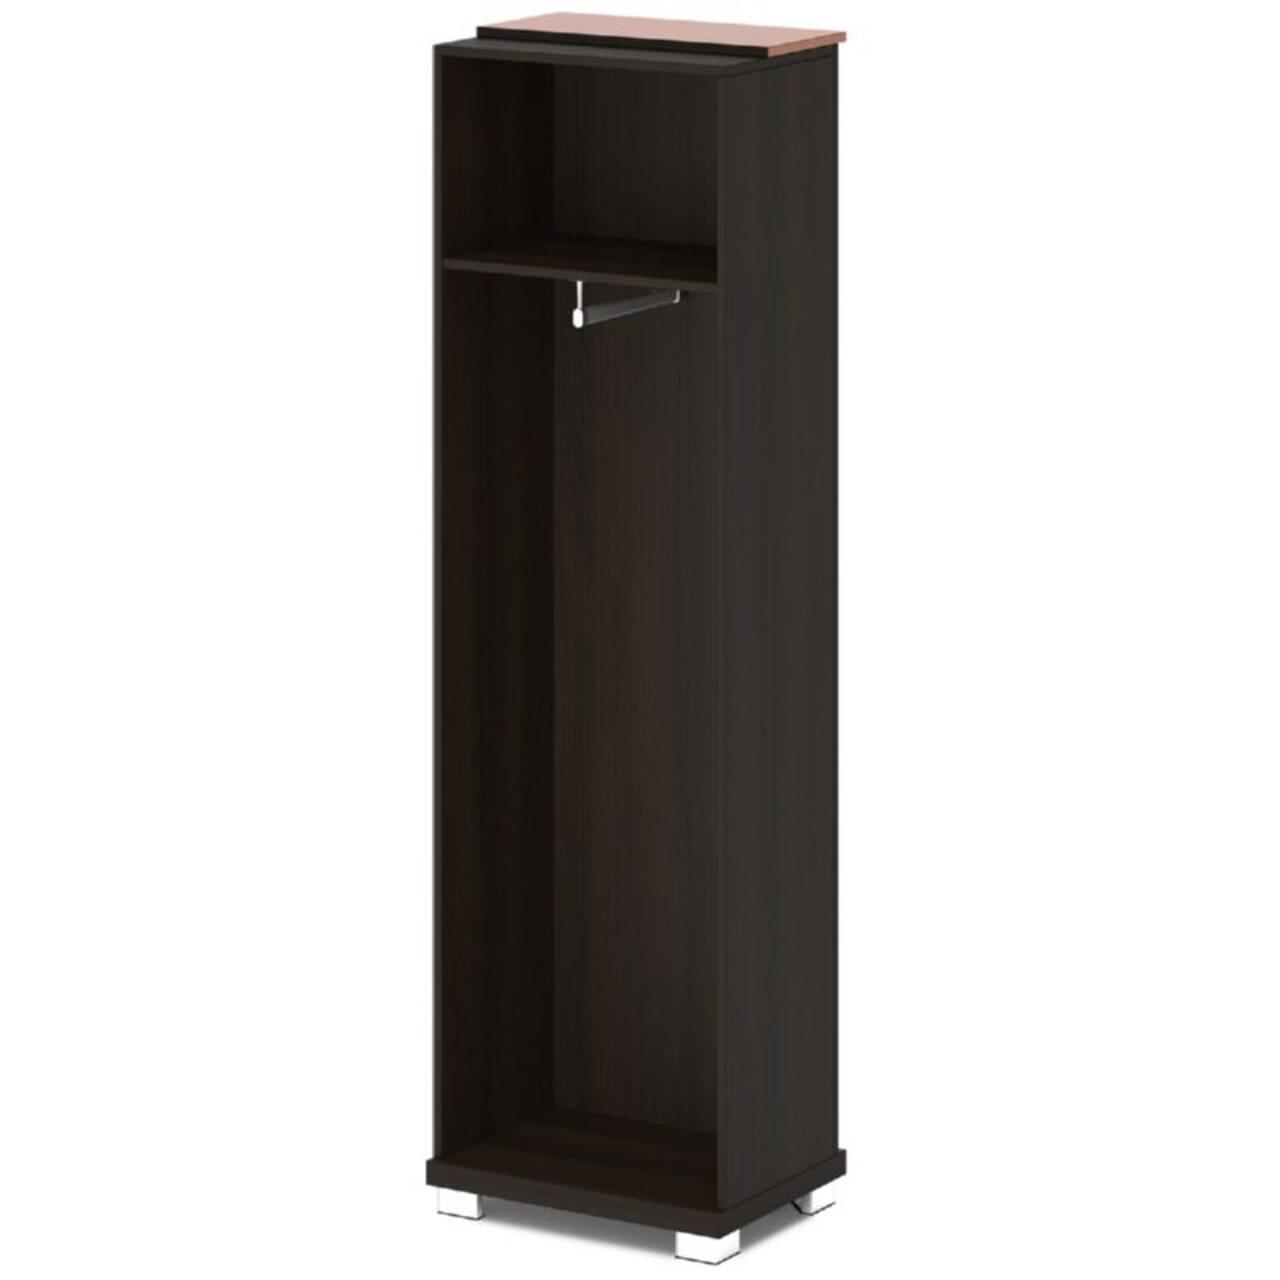 Каркас шкафа для одежды центральный - фото 2